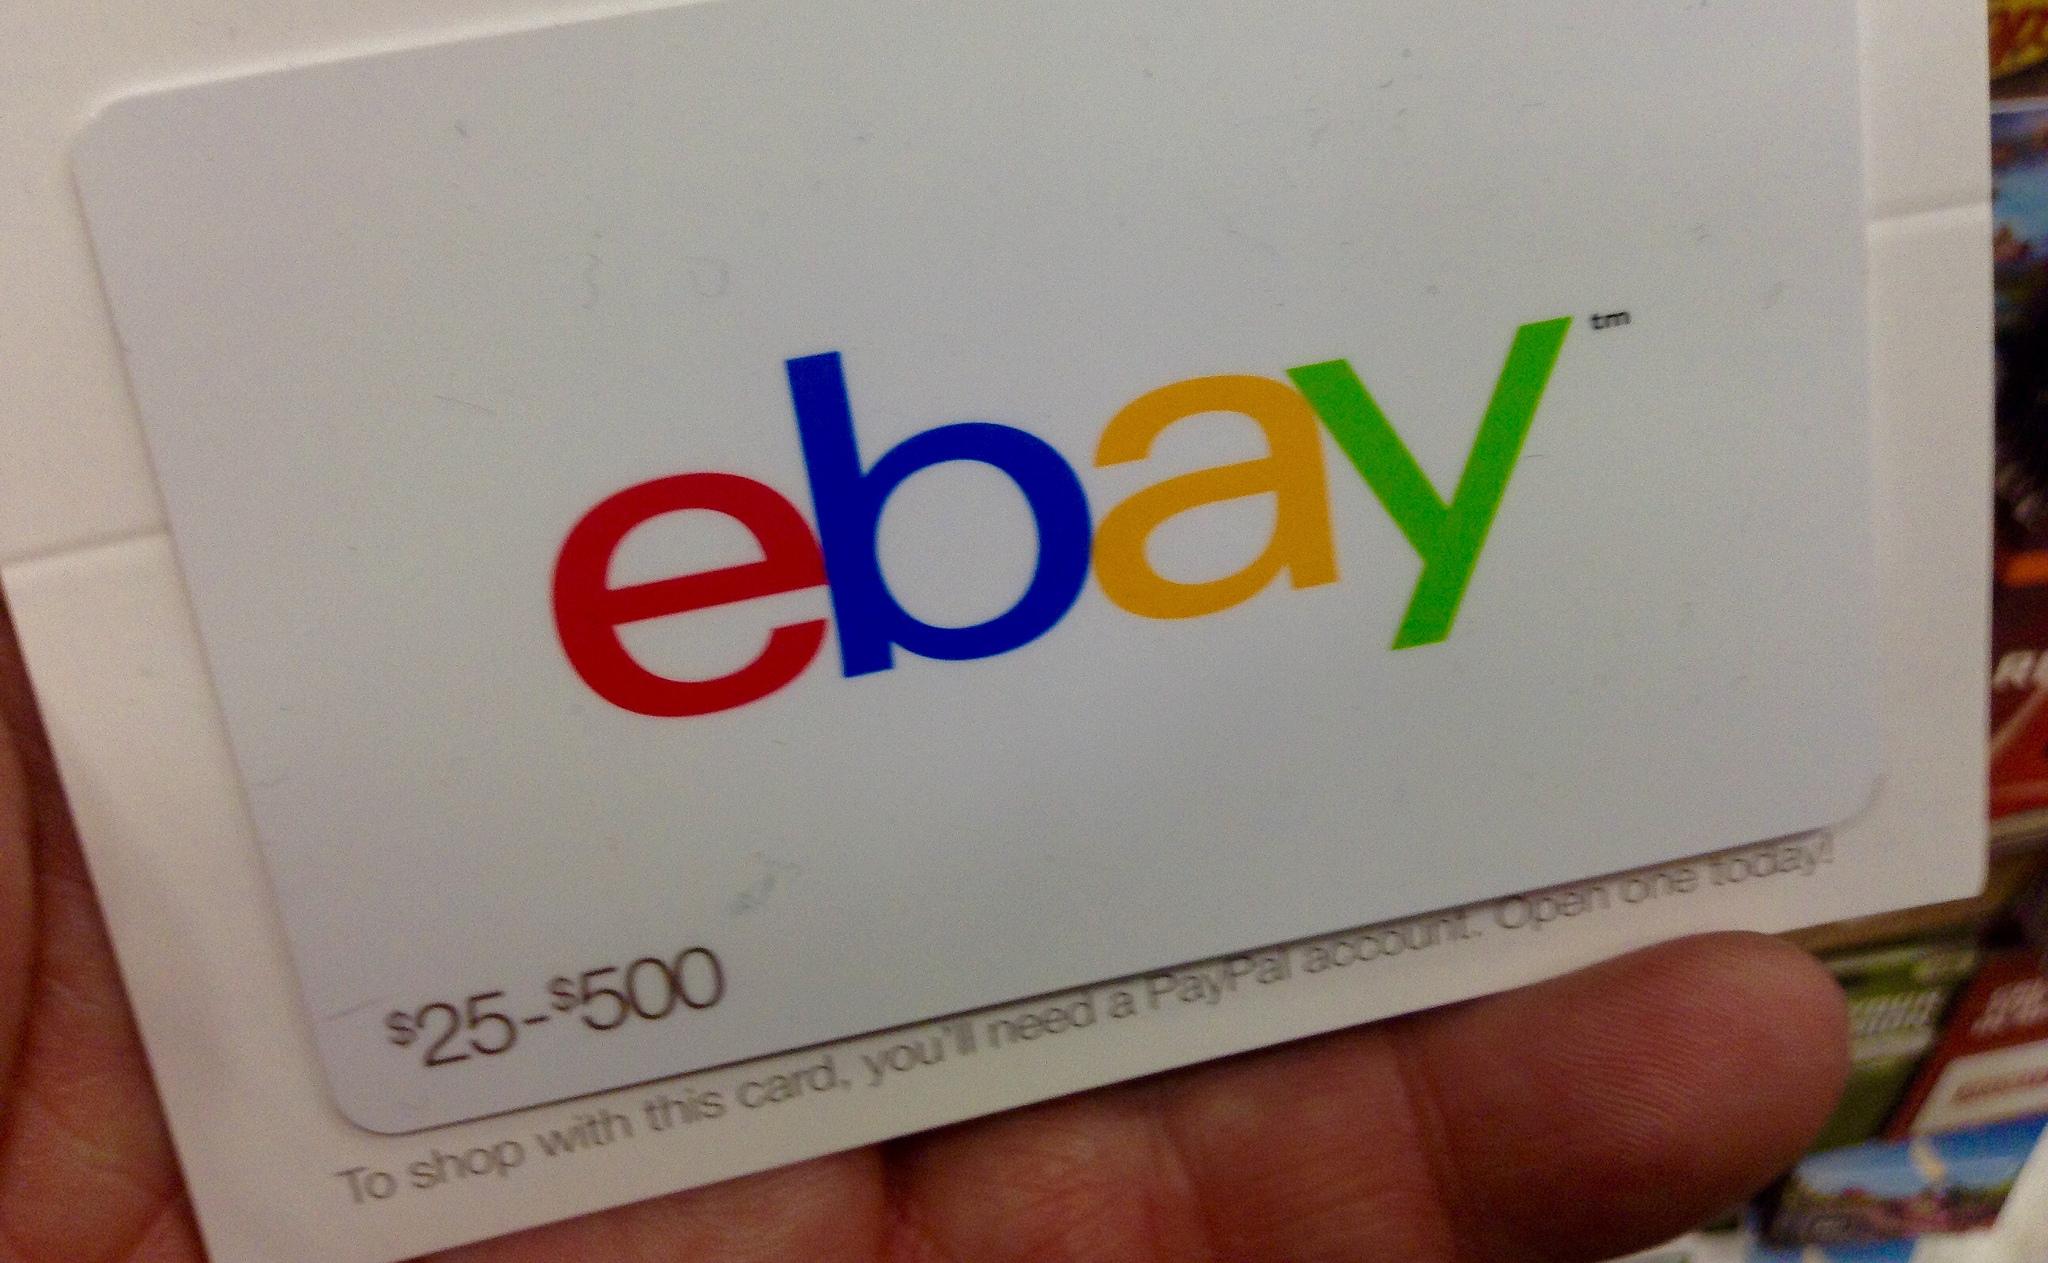 「eBay 跨境易貿通」助台灣製造商布局跨境電商,搶佔海外市場